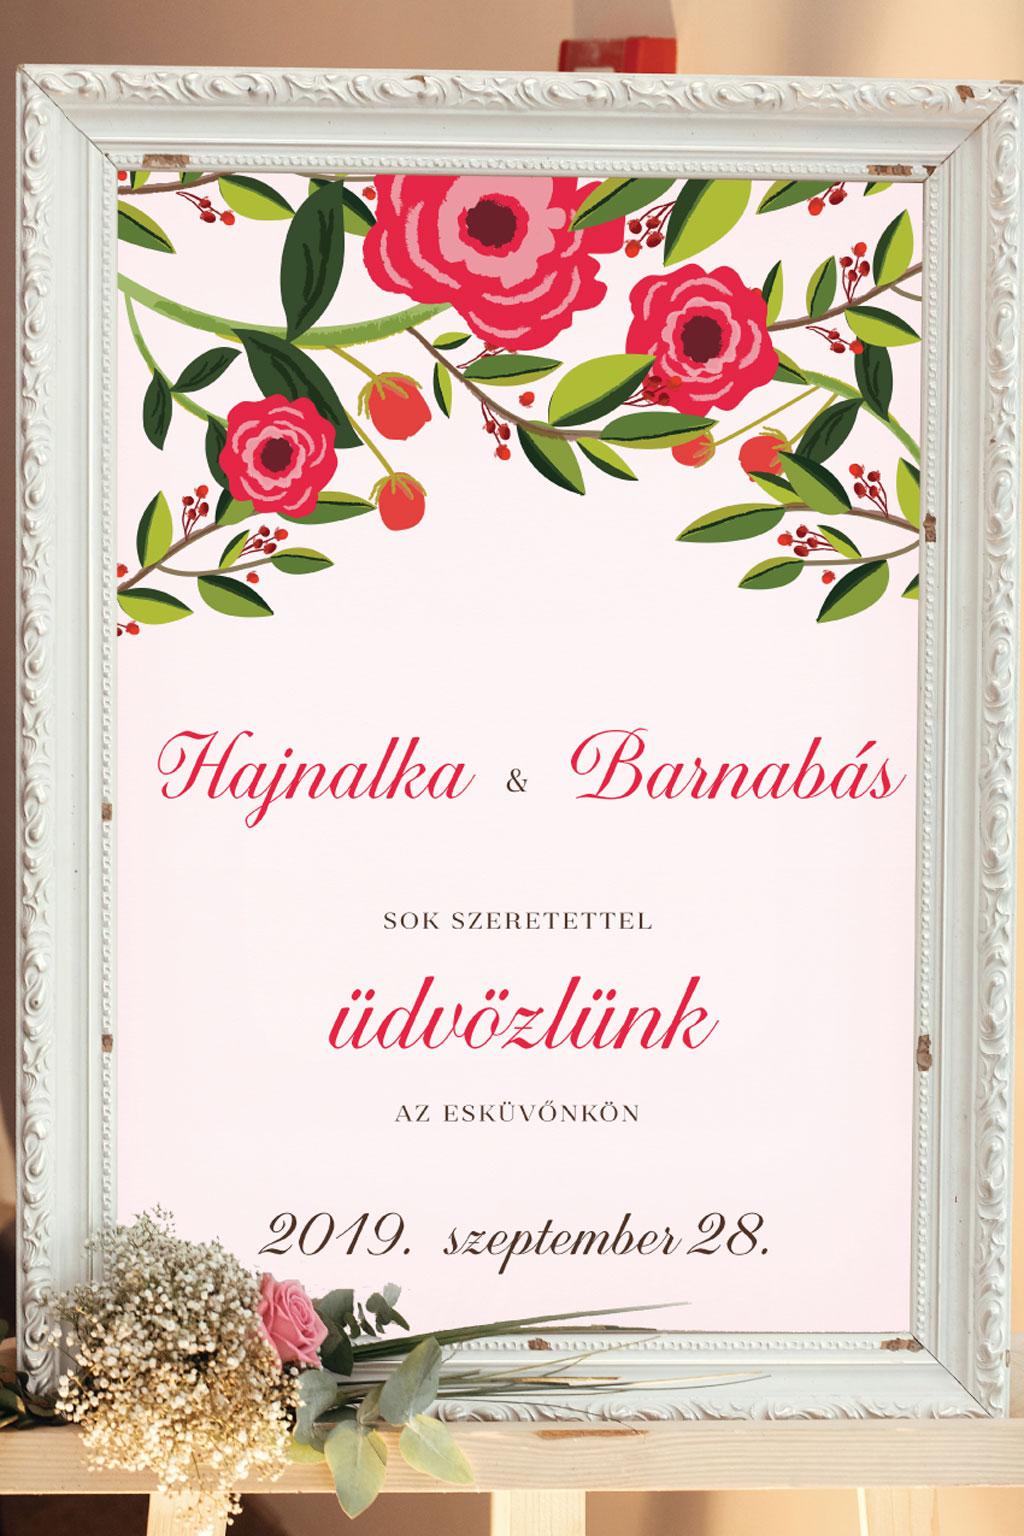 WelcomeTábla_Flowers&Dreams_01.indd